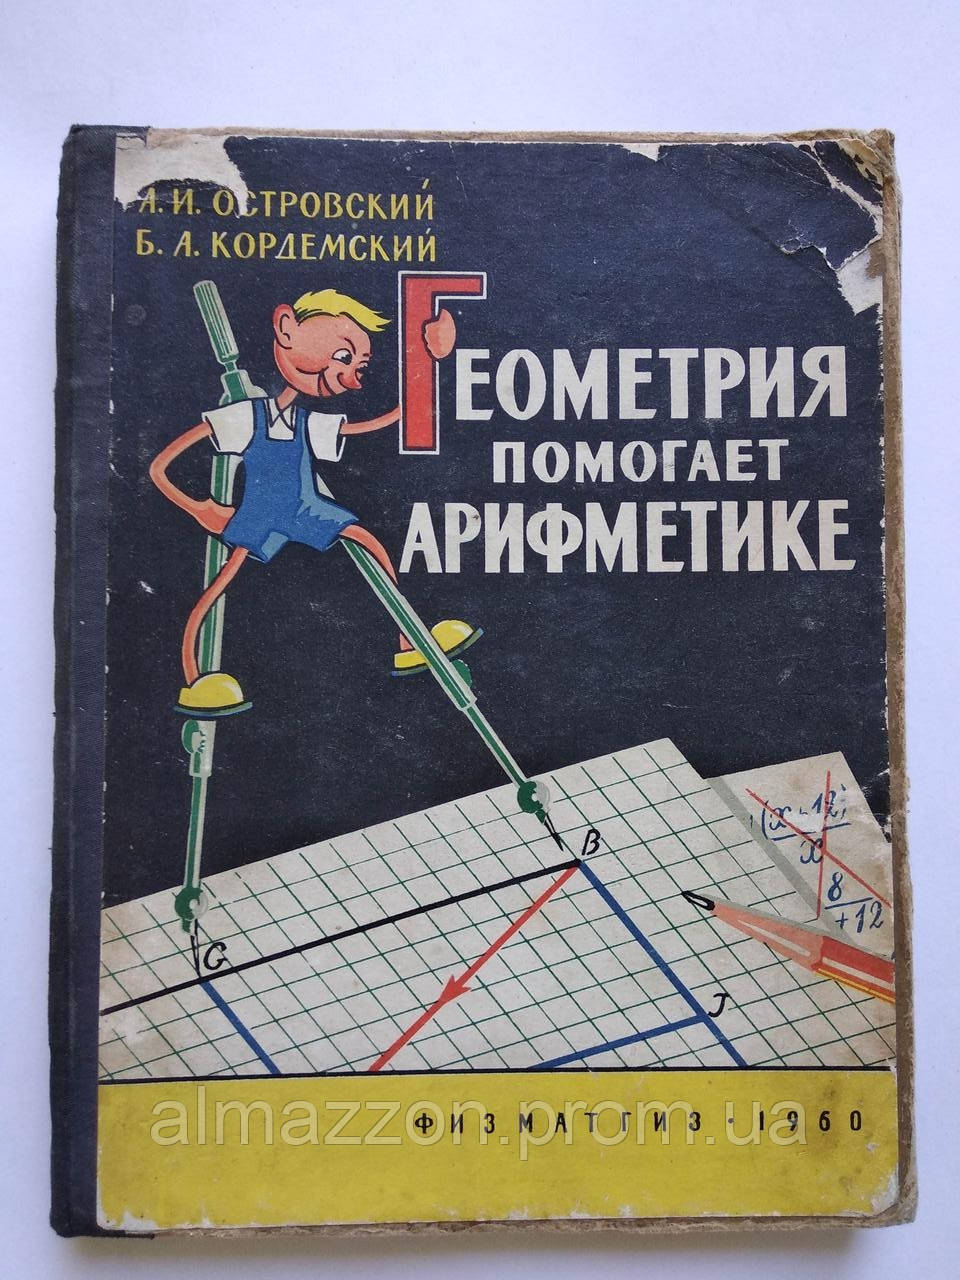 Геометрия помогает арифметике. А.Островский, Б.Кордемский. 1960 год